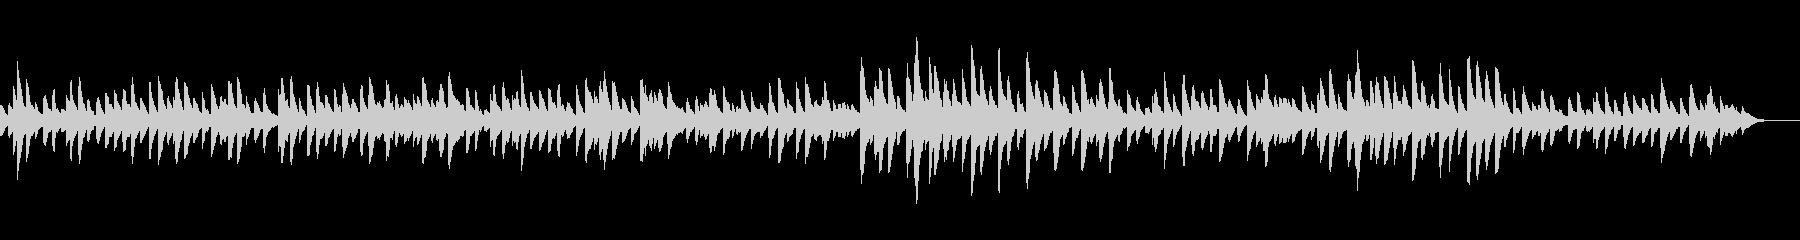 モーツアルトK331のオルゴールの未再生の波形